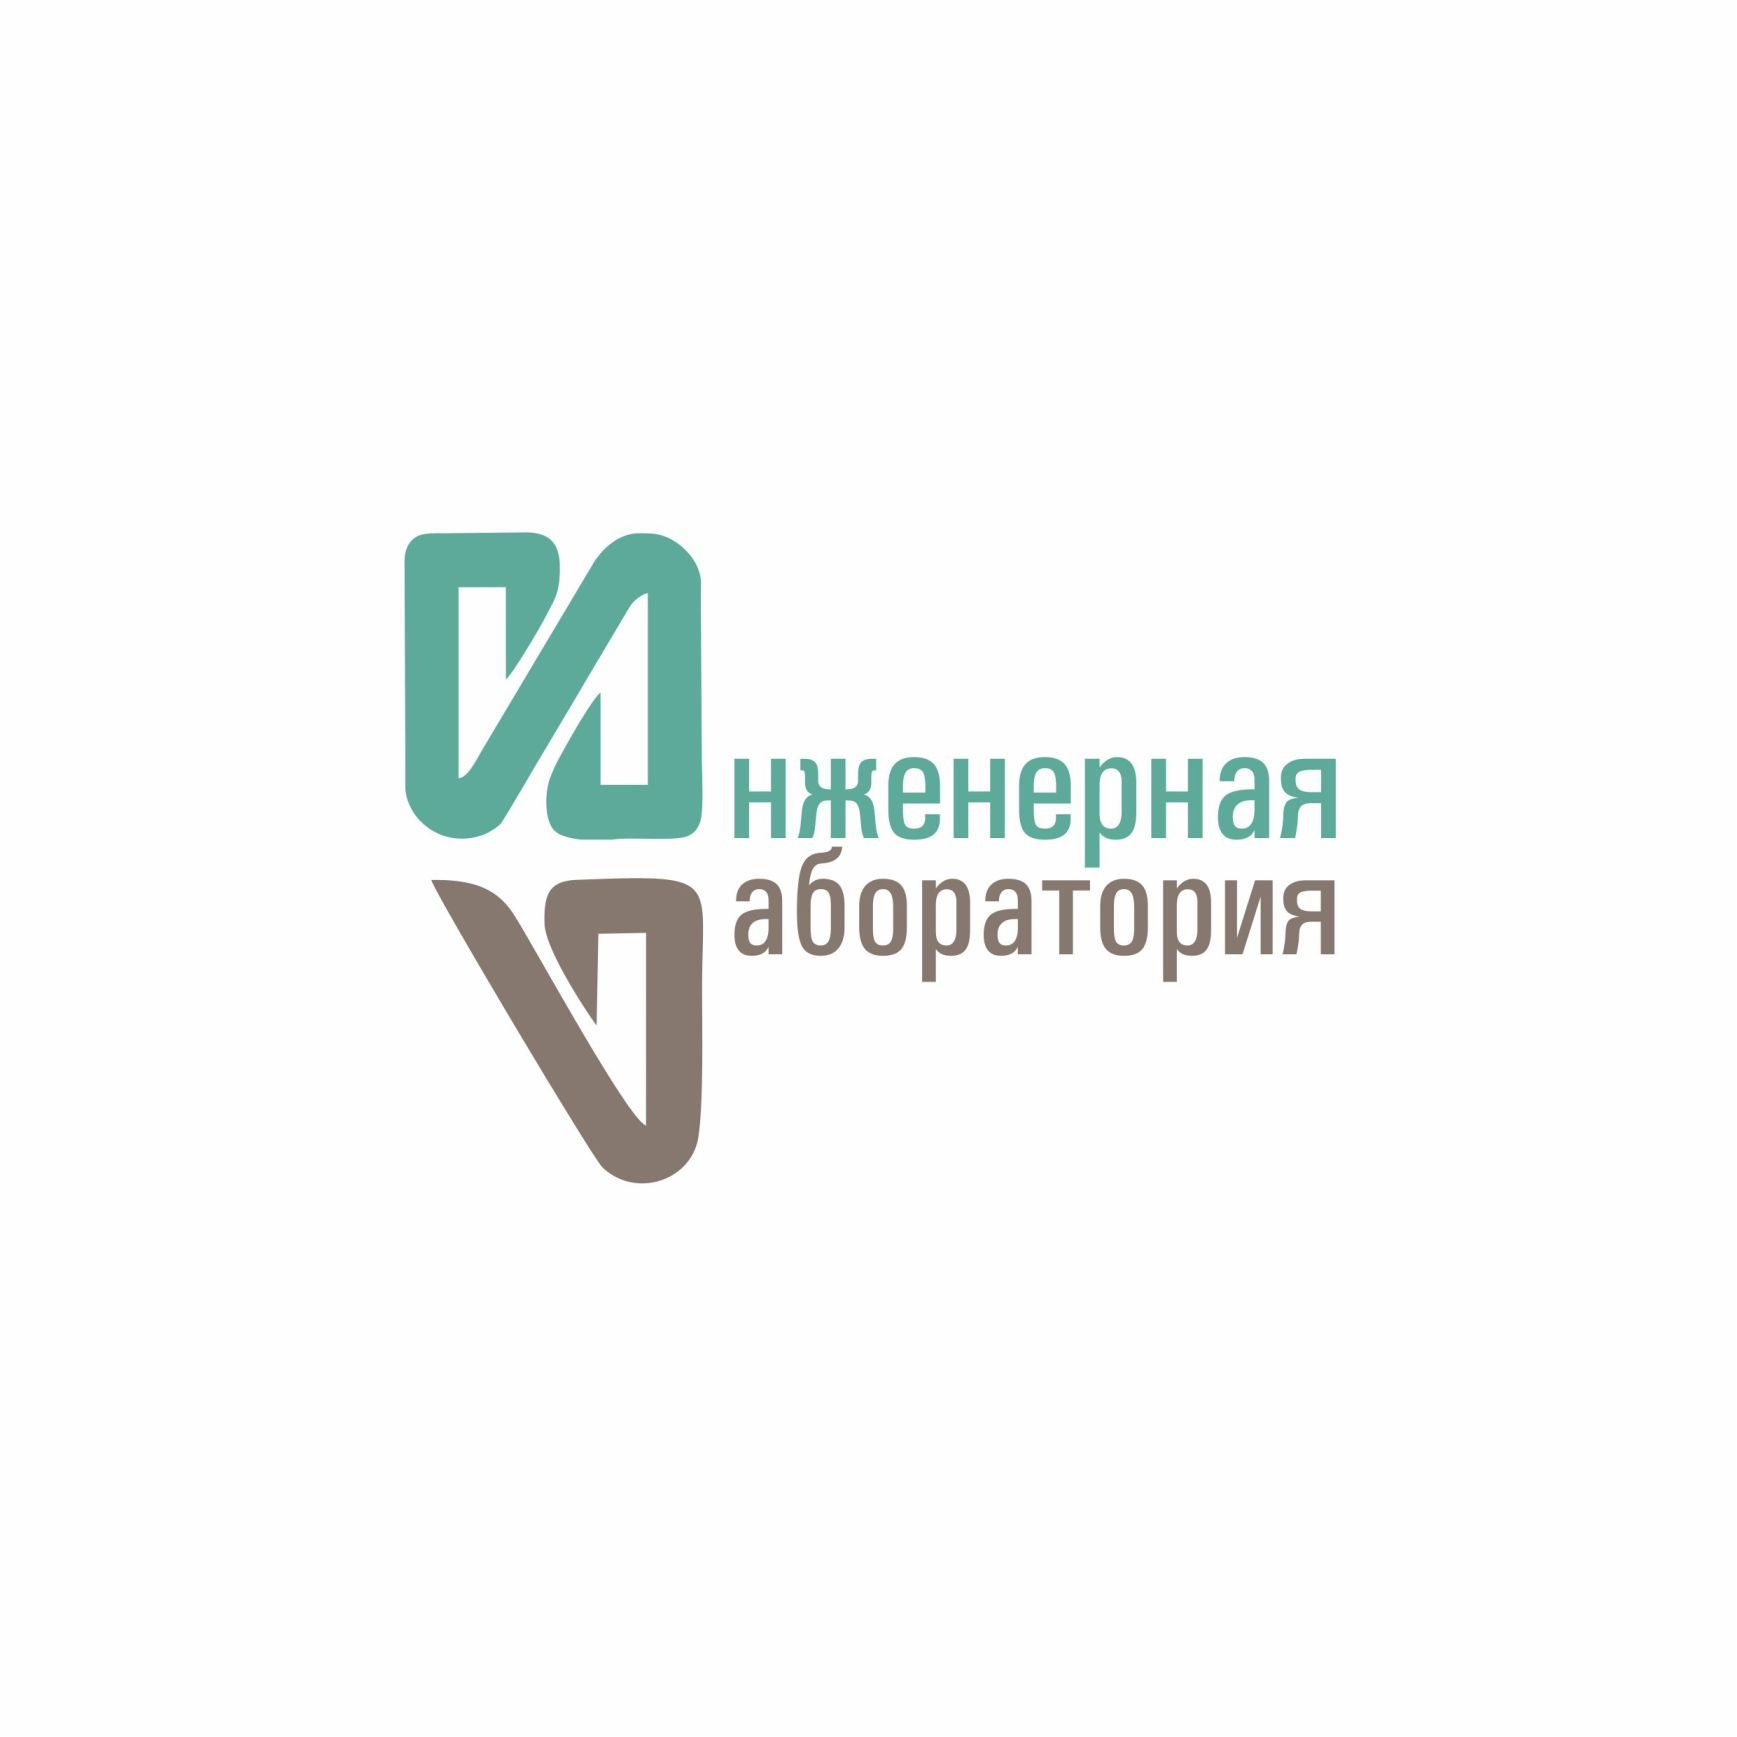 Лого и фирменный стиль для Инженерная лаборатория  - дизайнер IRINAF